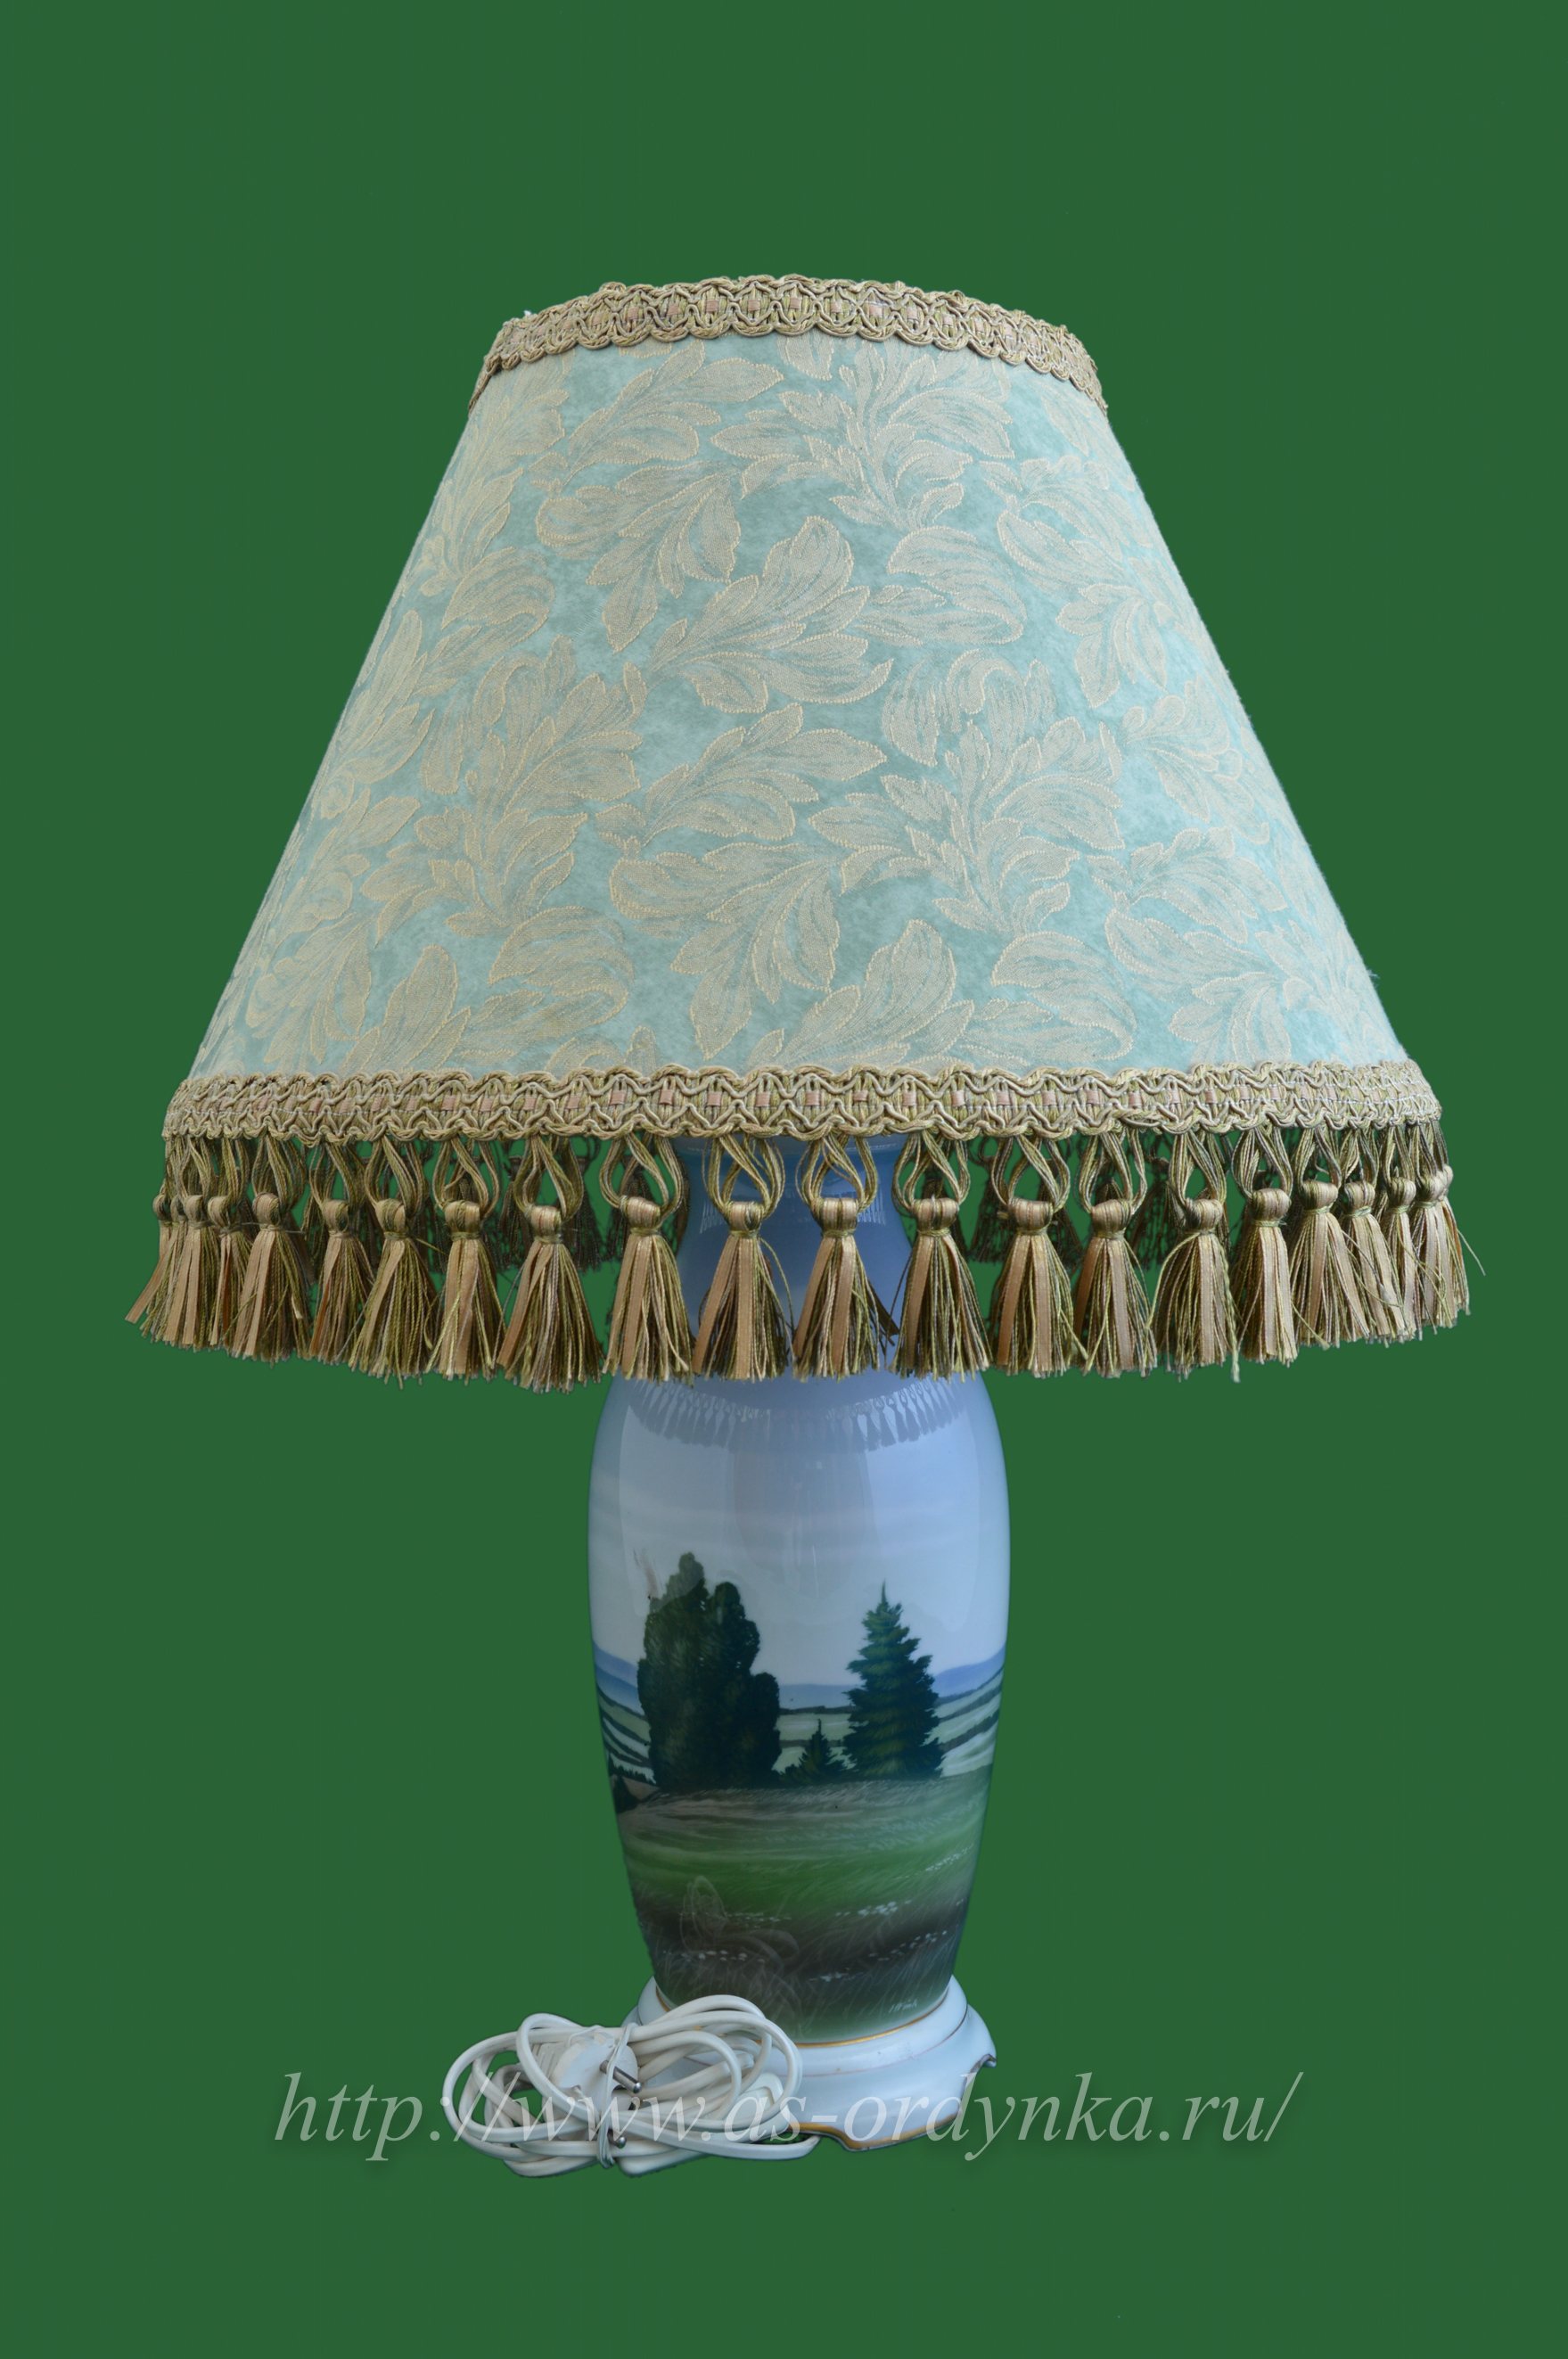 Купить настольные лампы и прикроватные светильники для